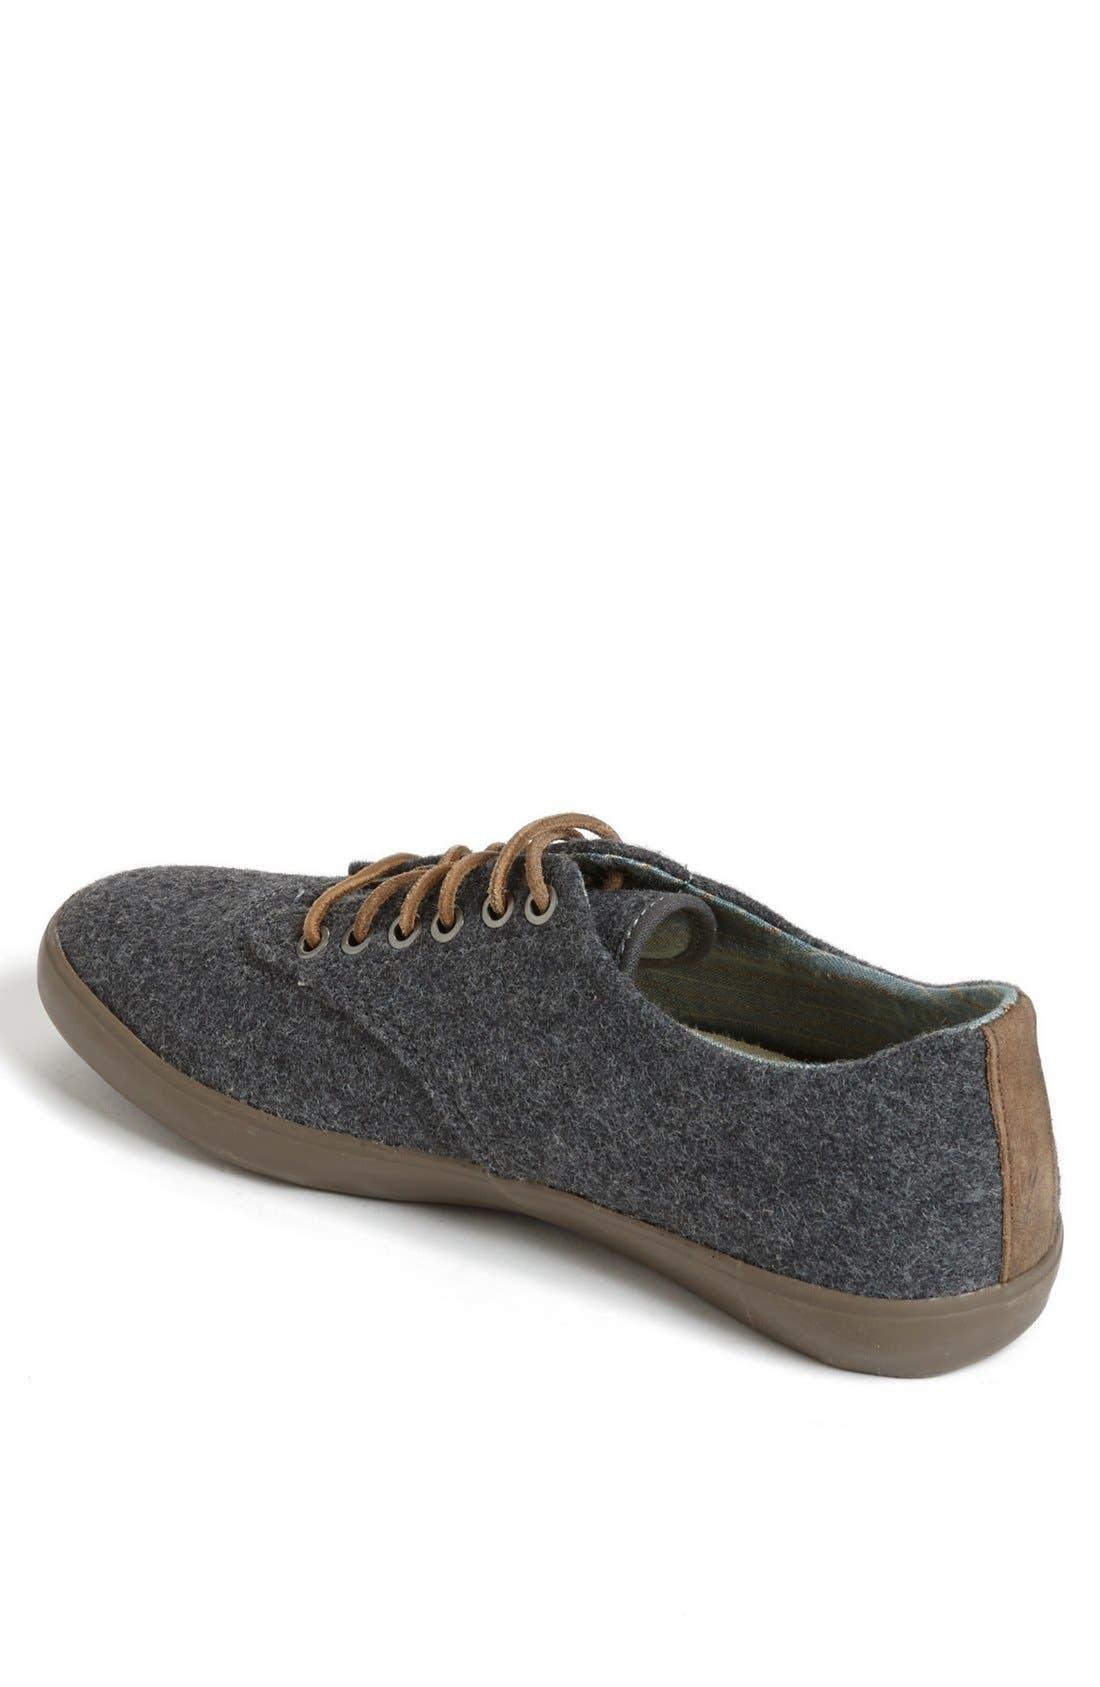 Alternate Image 2  - SeaVees 'Hermosa Plimsoll Surplus' Boiled Wool Sneaker